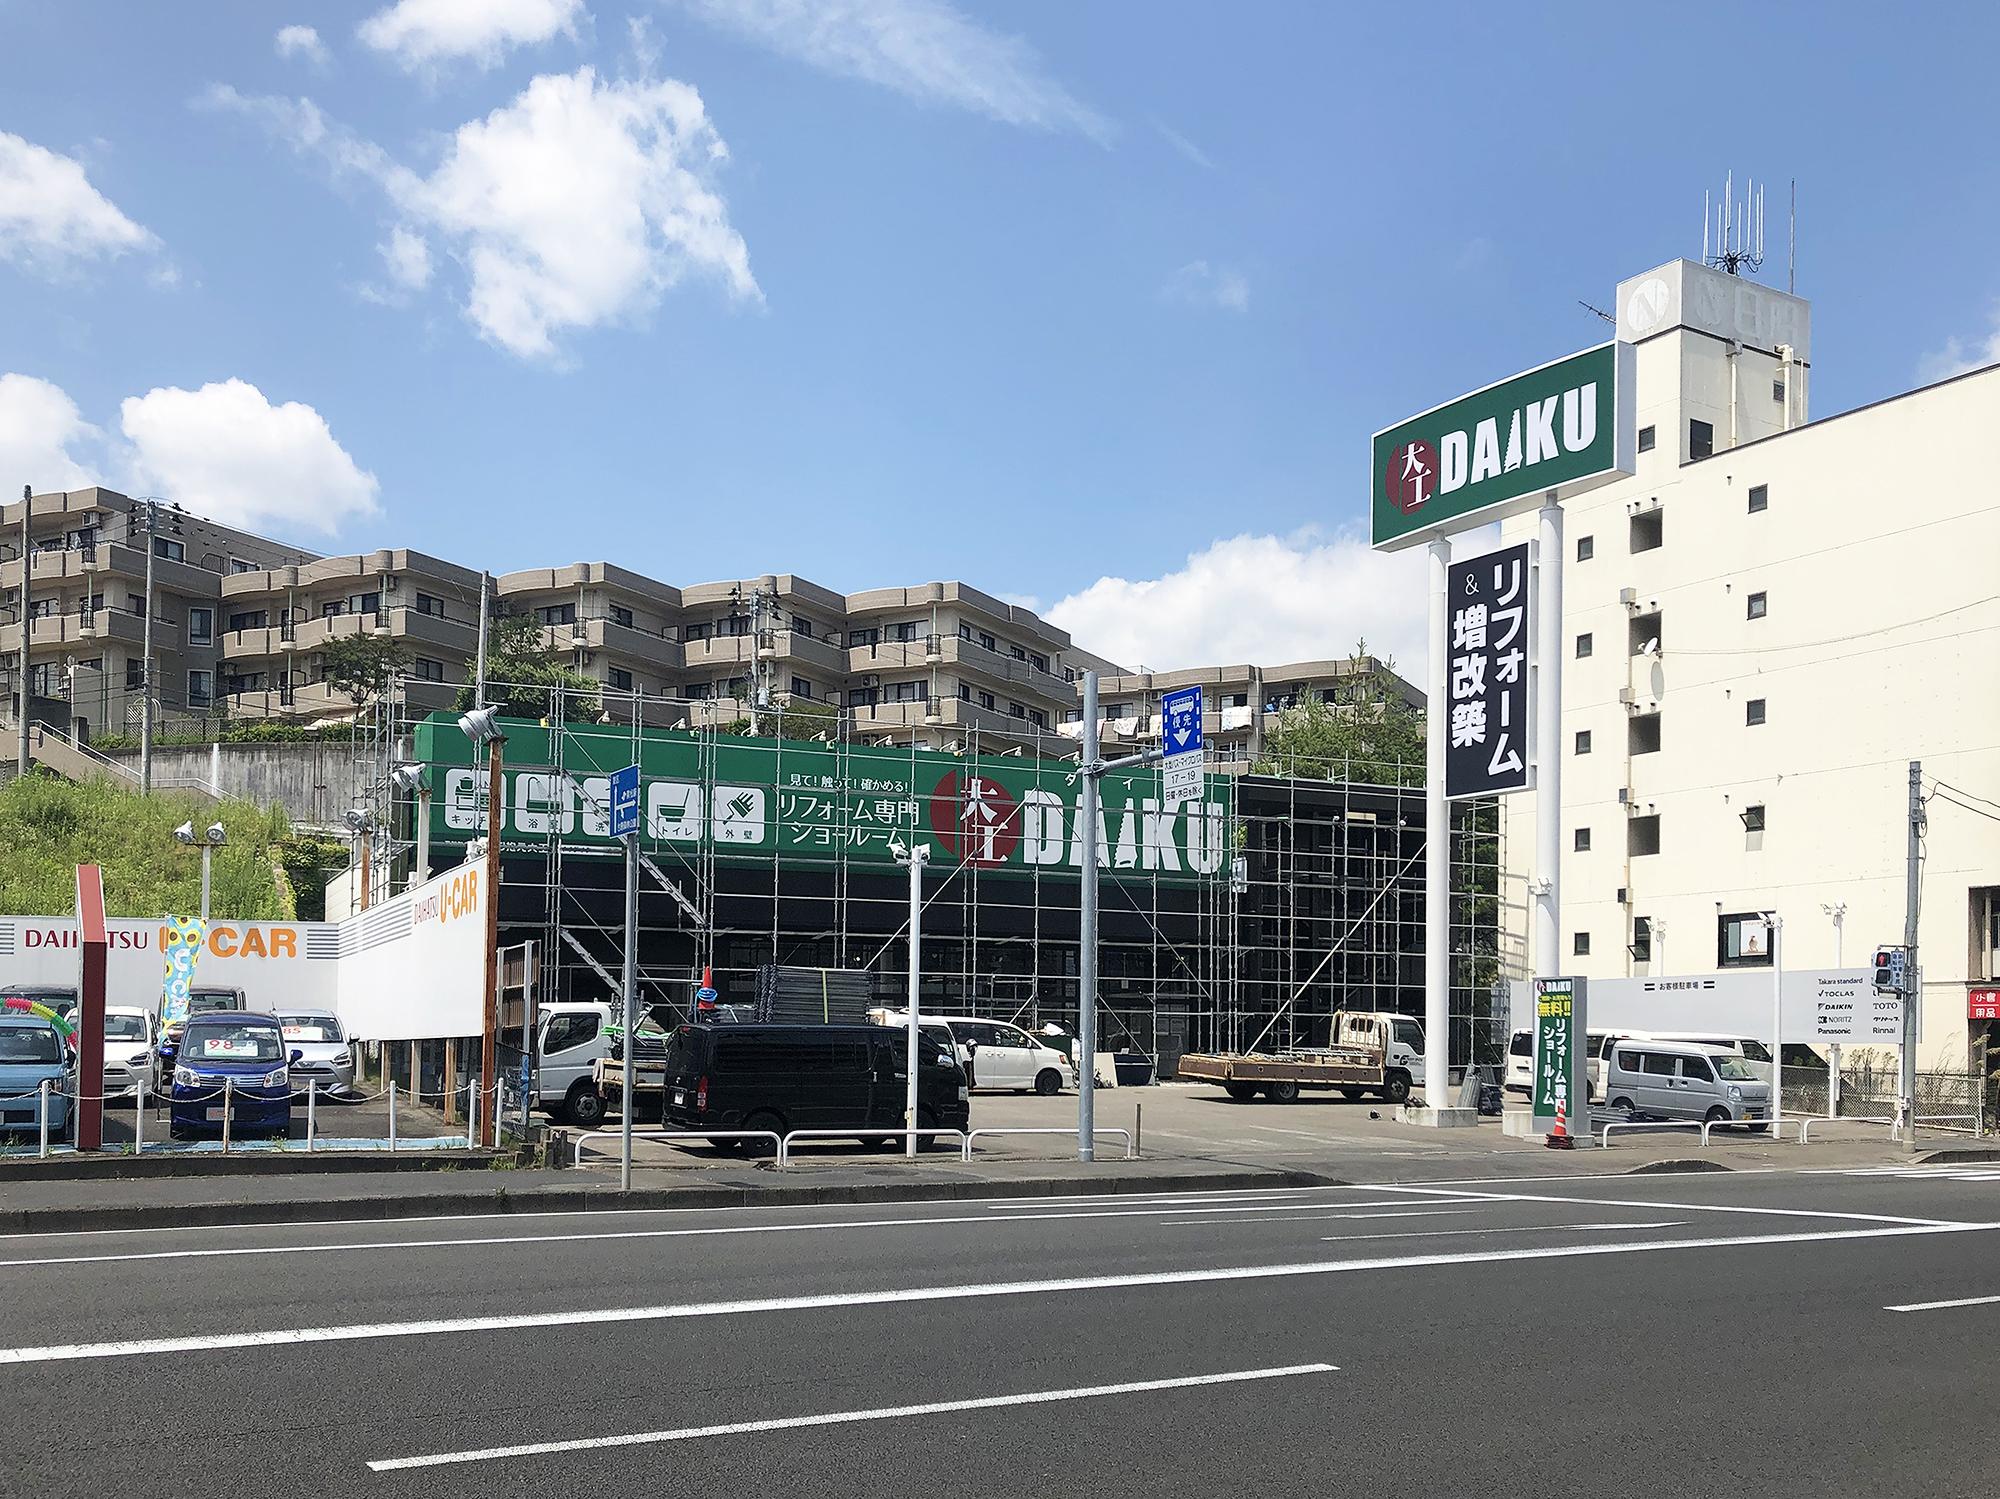 【終了しました!】『グランドオープンフェア』9/7(土)8(日)in ダイクショールーム